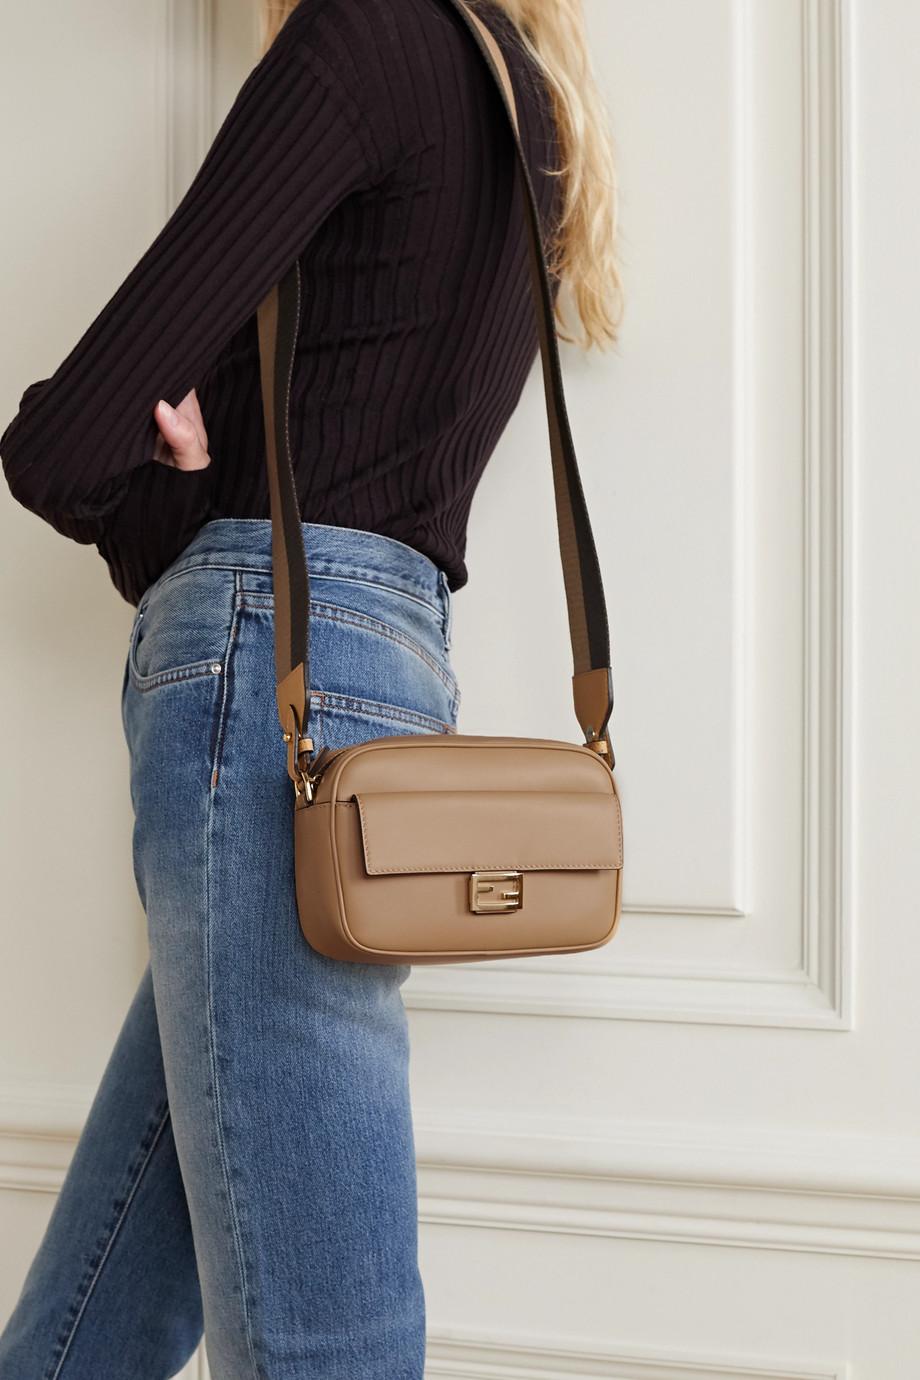 Fendi Baguette canvas-trimmed leather shoulder bag